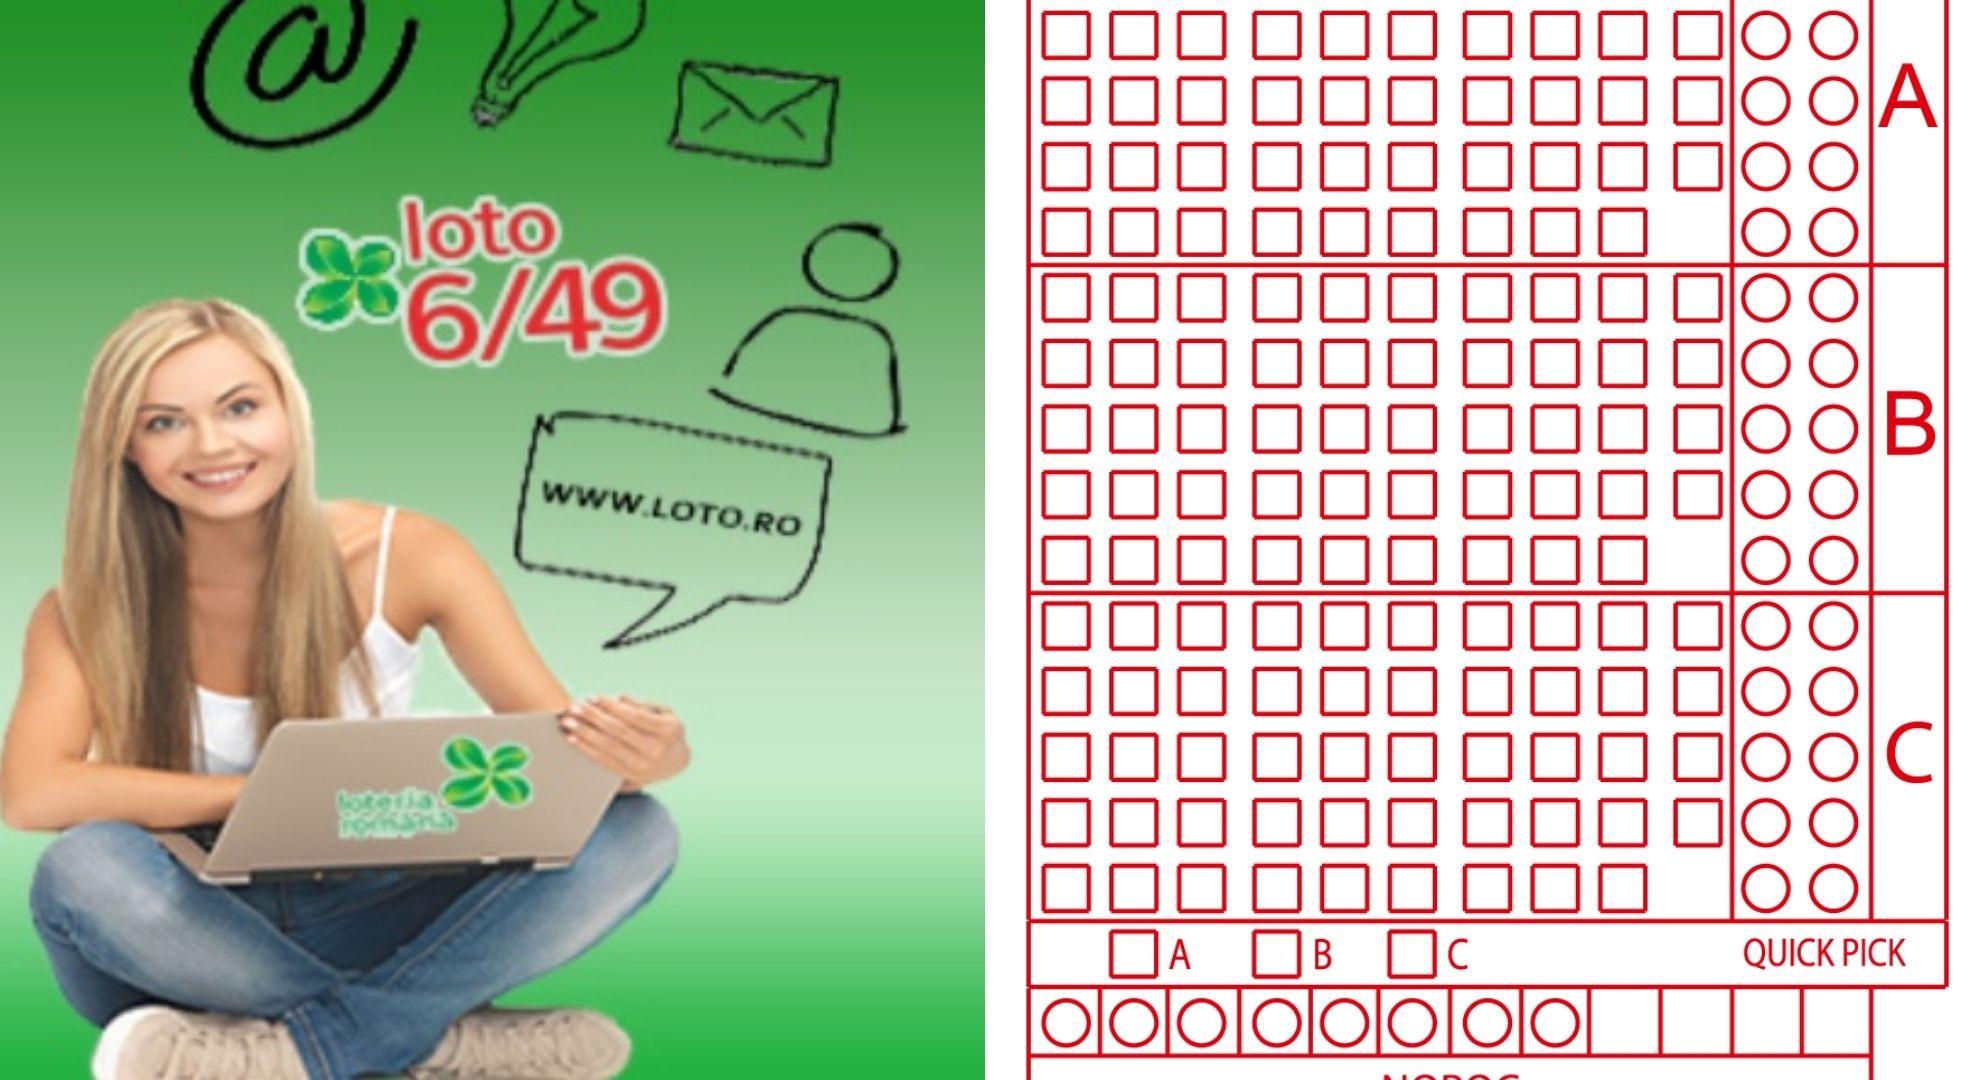 Loteria Română pregătește surprize mari! Fanii jocurilor de noroc vor fi extrem de încântați